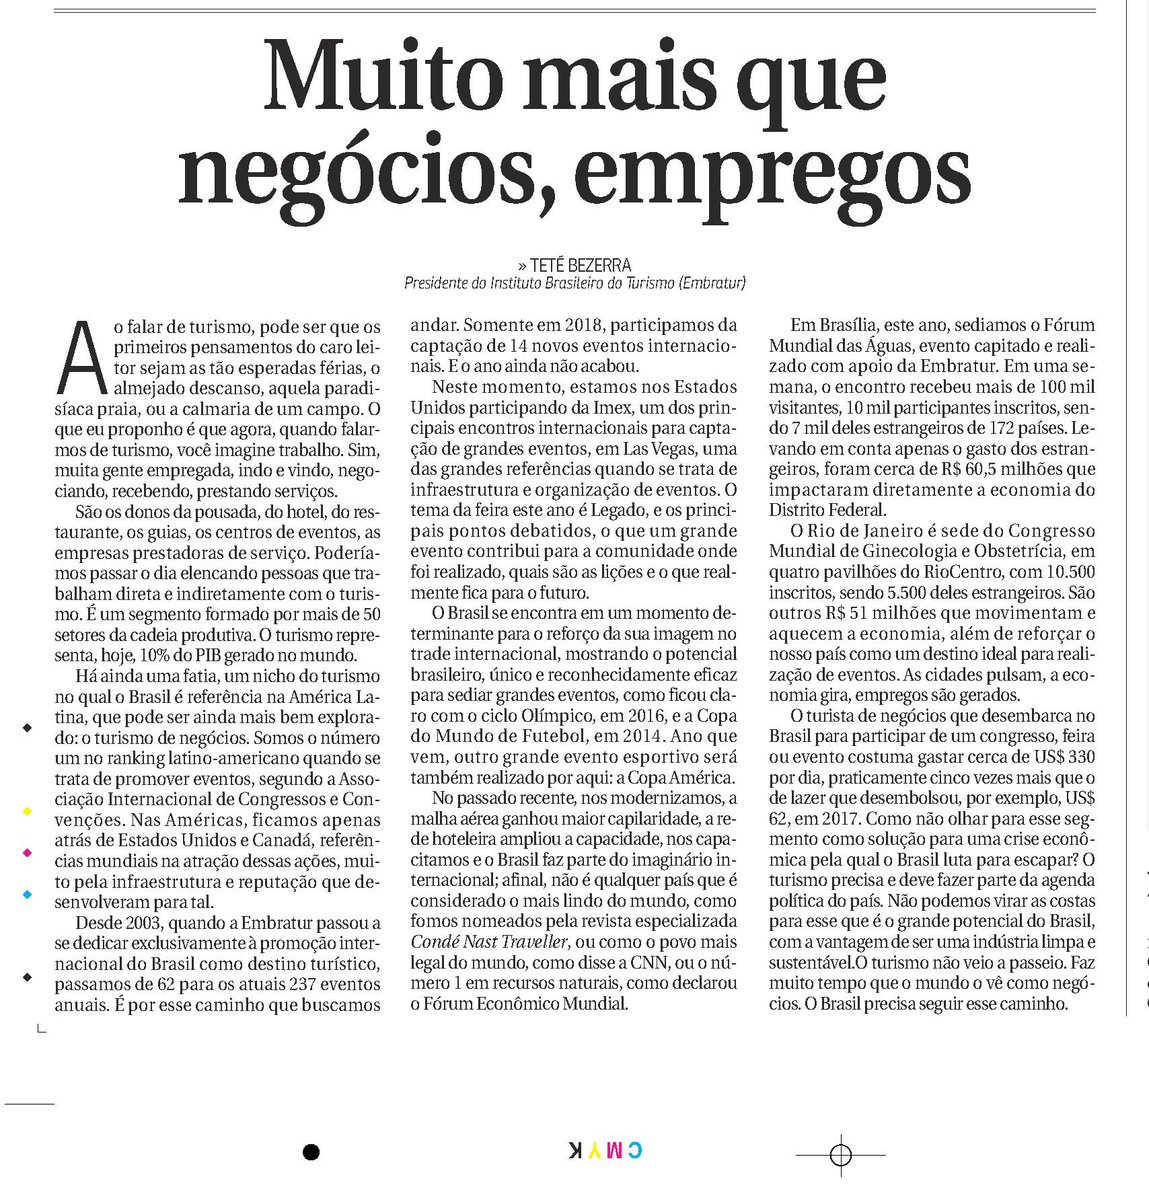 🌍🔎 Artigo do jornal @correio fala sobre o turismo de negócios no Brasil como potencial na geração de empregos #TurismoNews